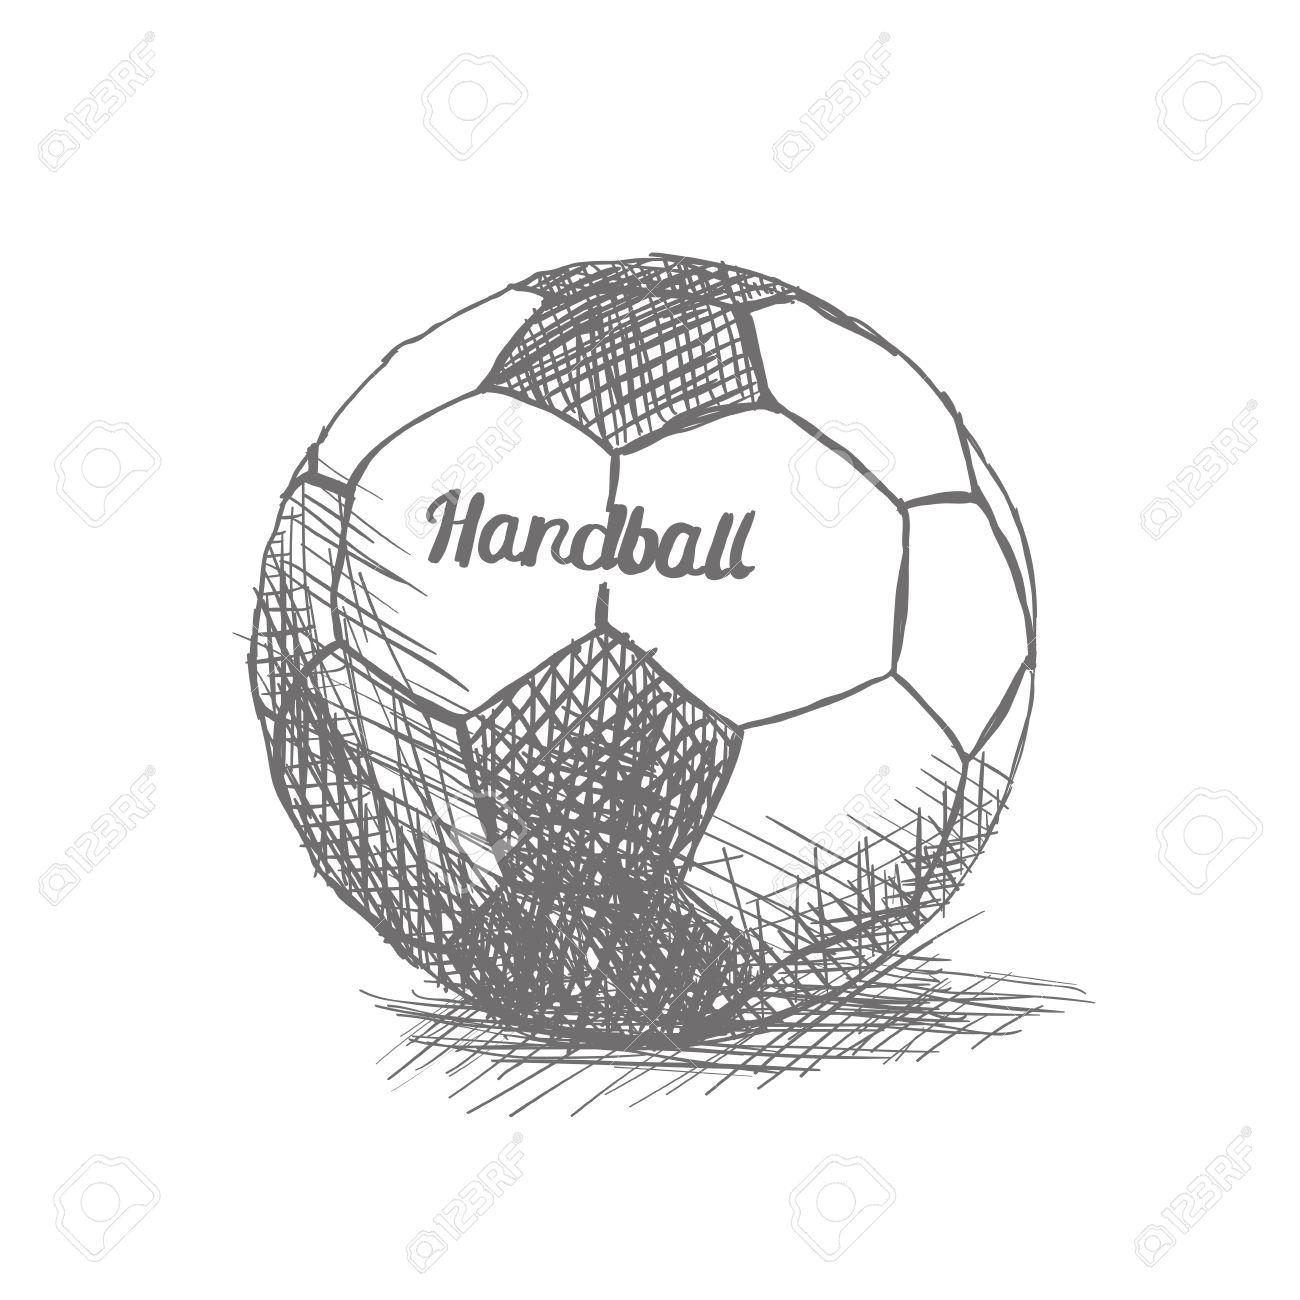 isolierte skizze eines handball ball auf einem weissen hintergrund